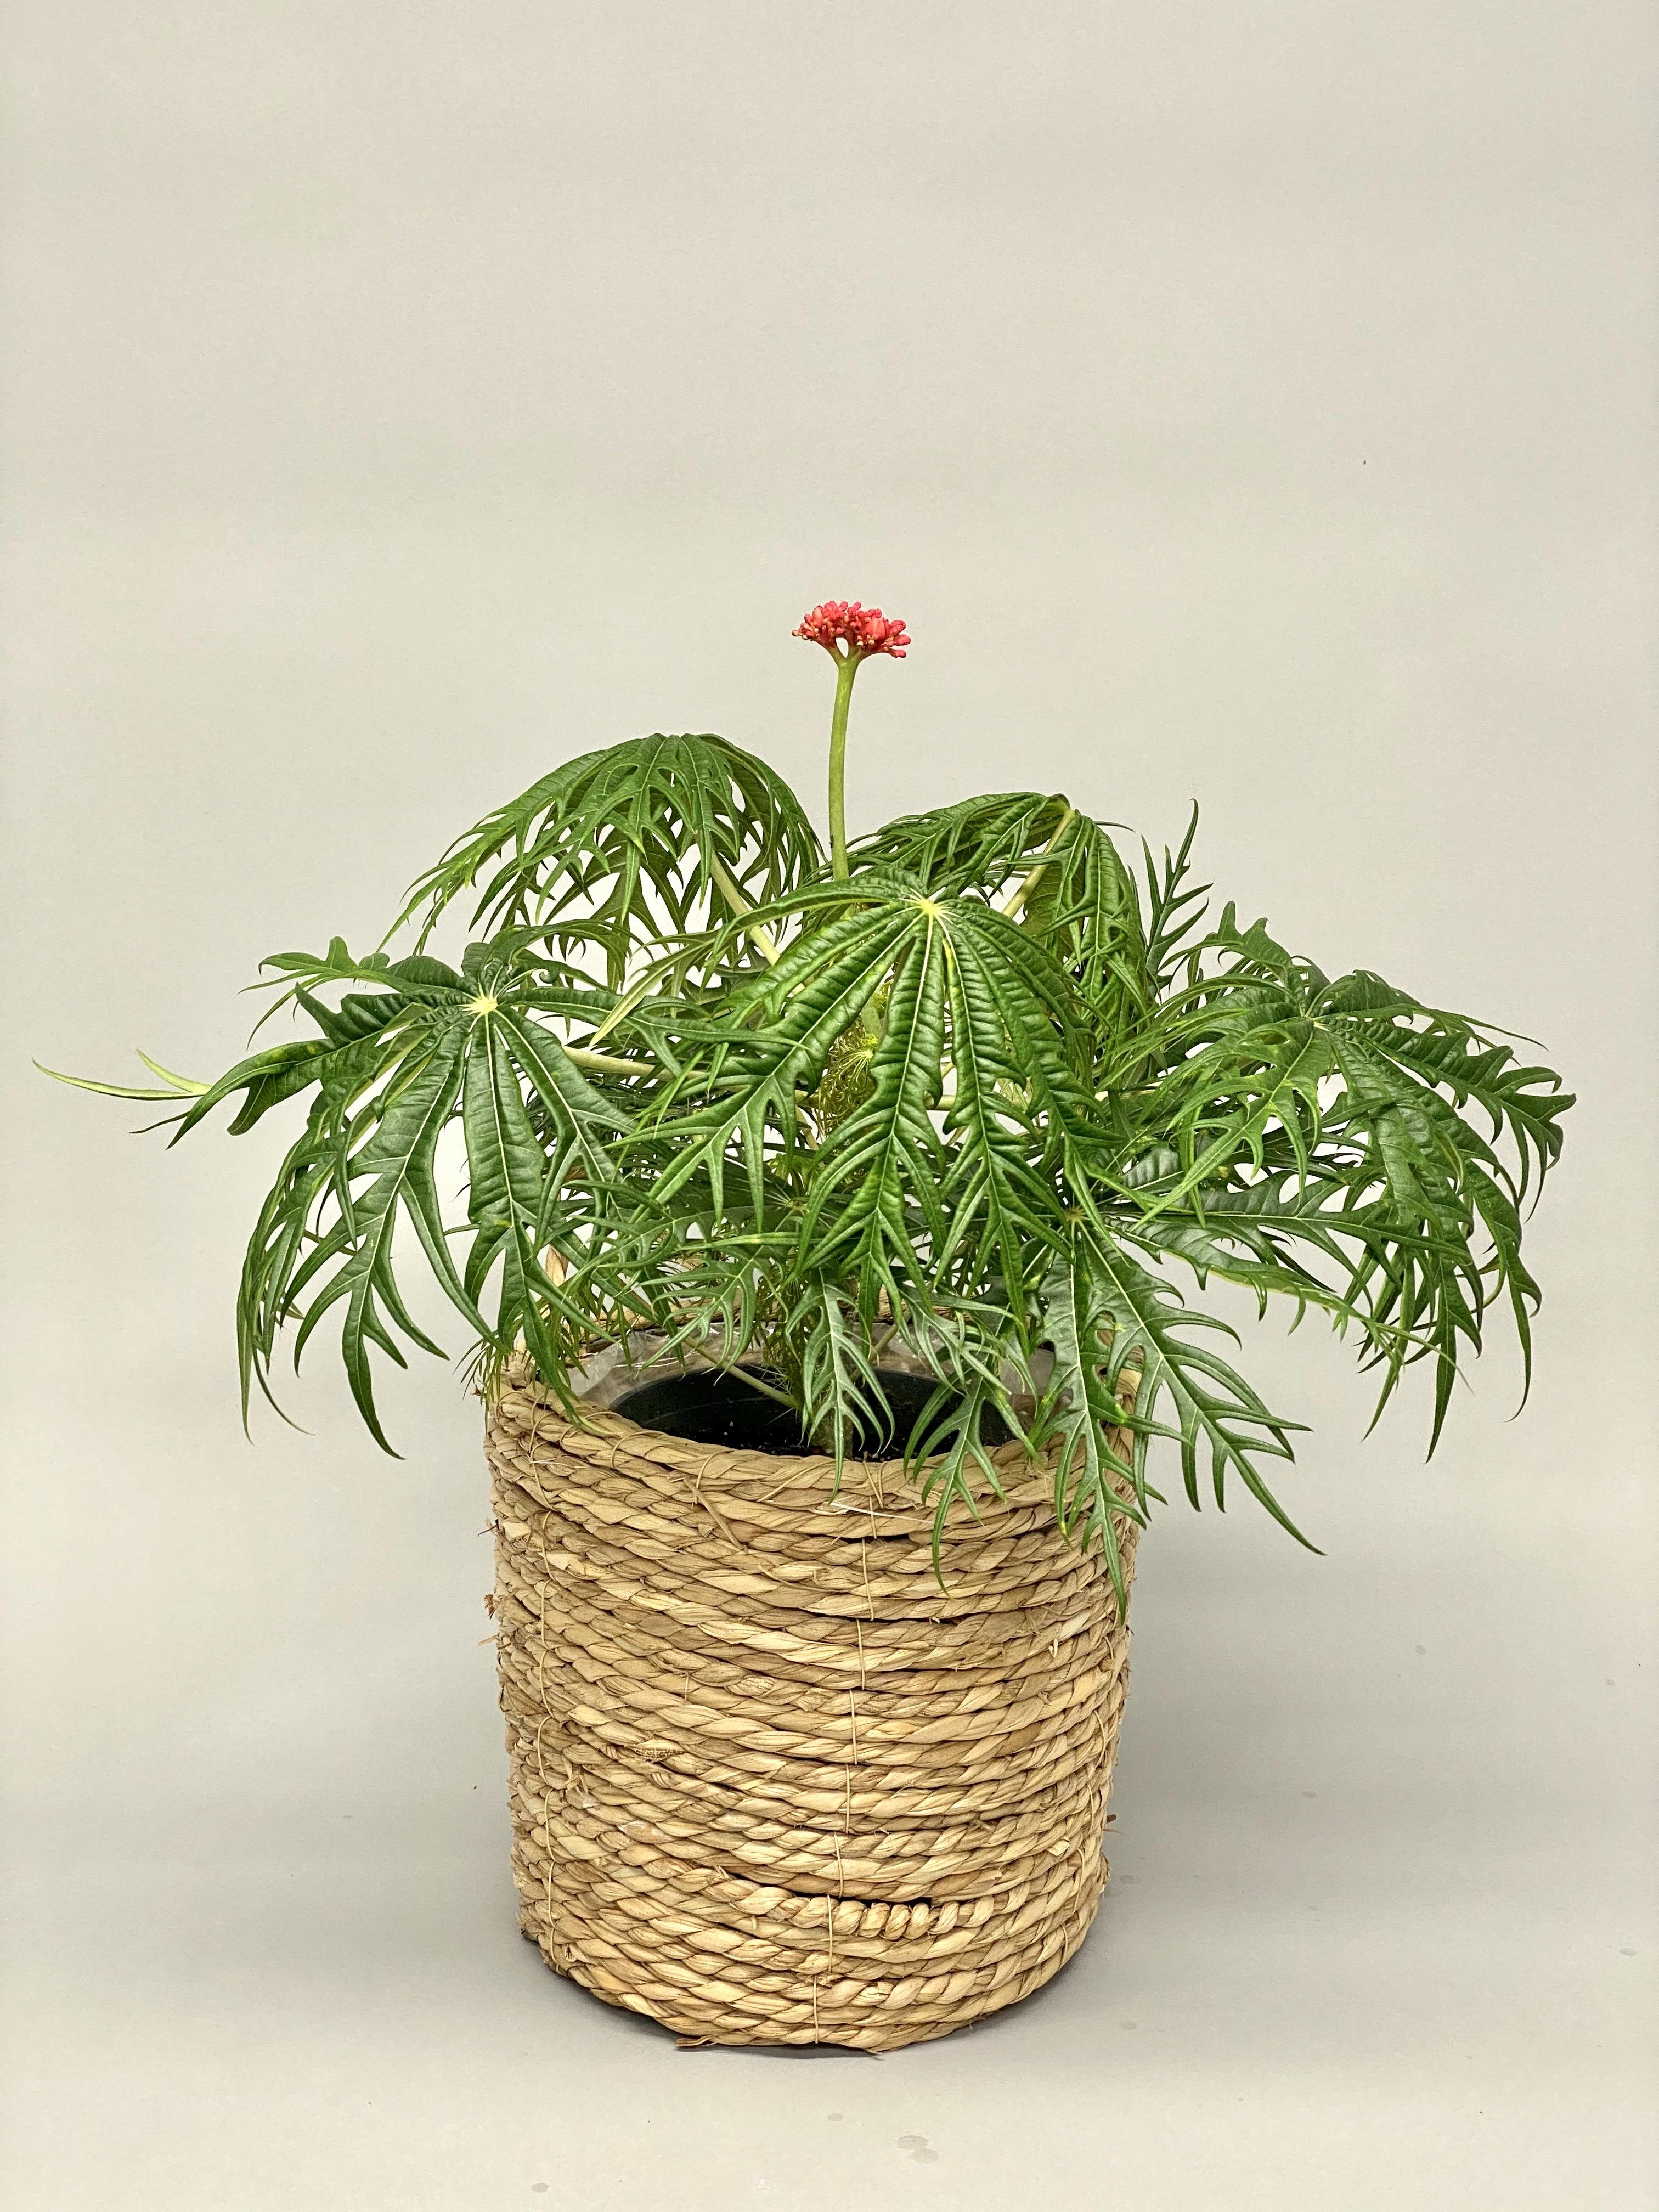 Coral Bush (Jatropha Multifida)